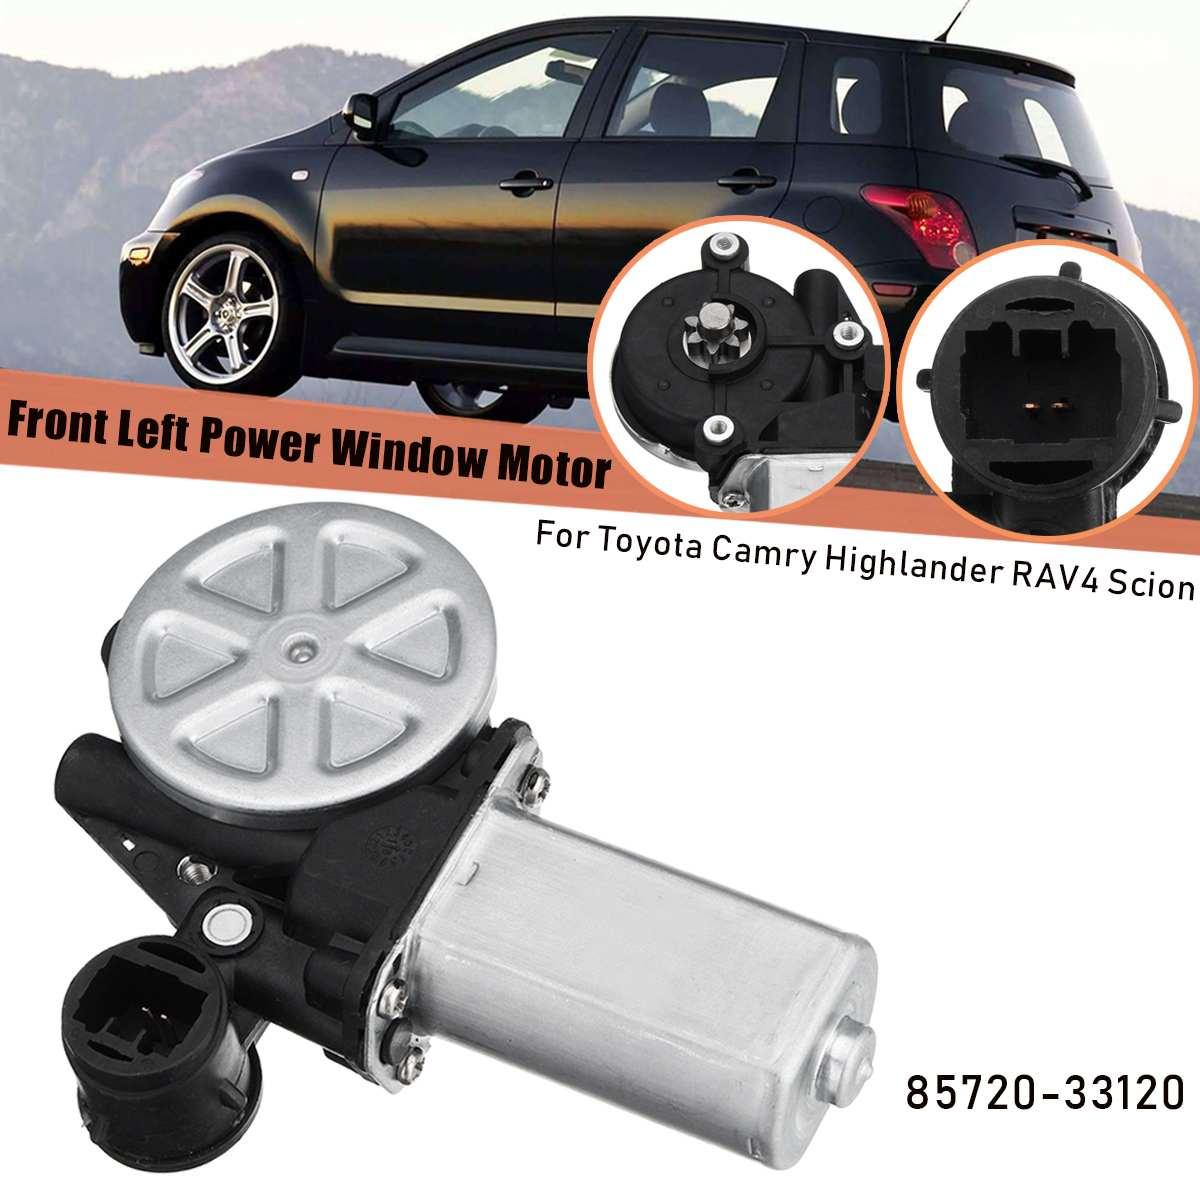 Anteriore Destra Sinistra Passeggero Finestra di Potere Del Motore Per Toyota RAV4 Camry Highlander Scion 8571042070 47-10009